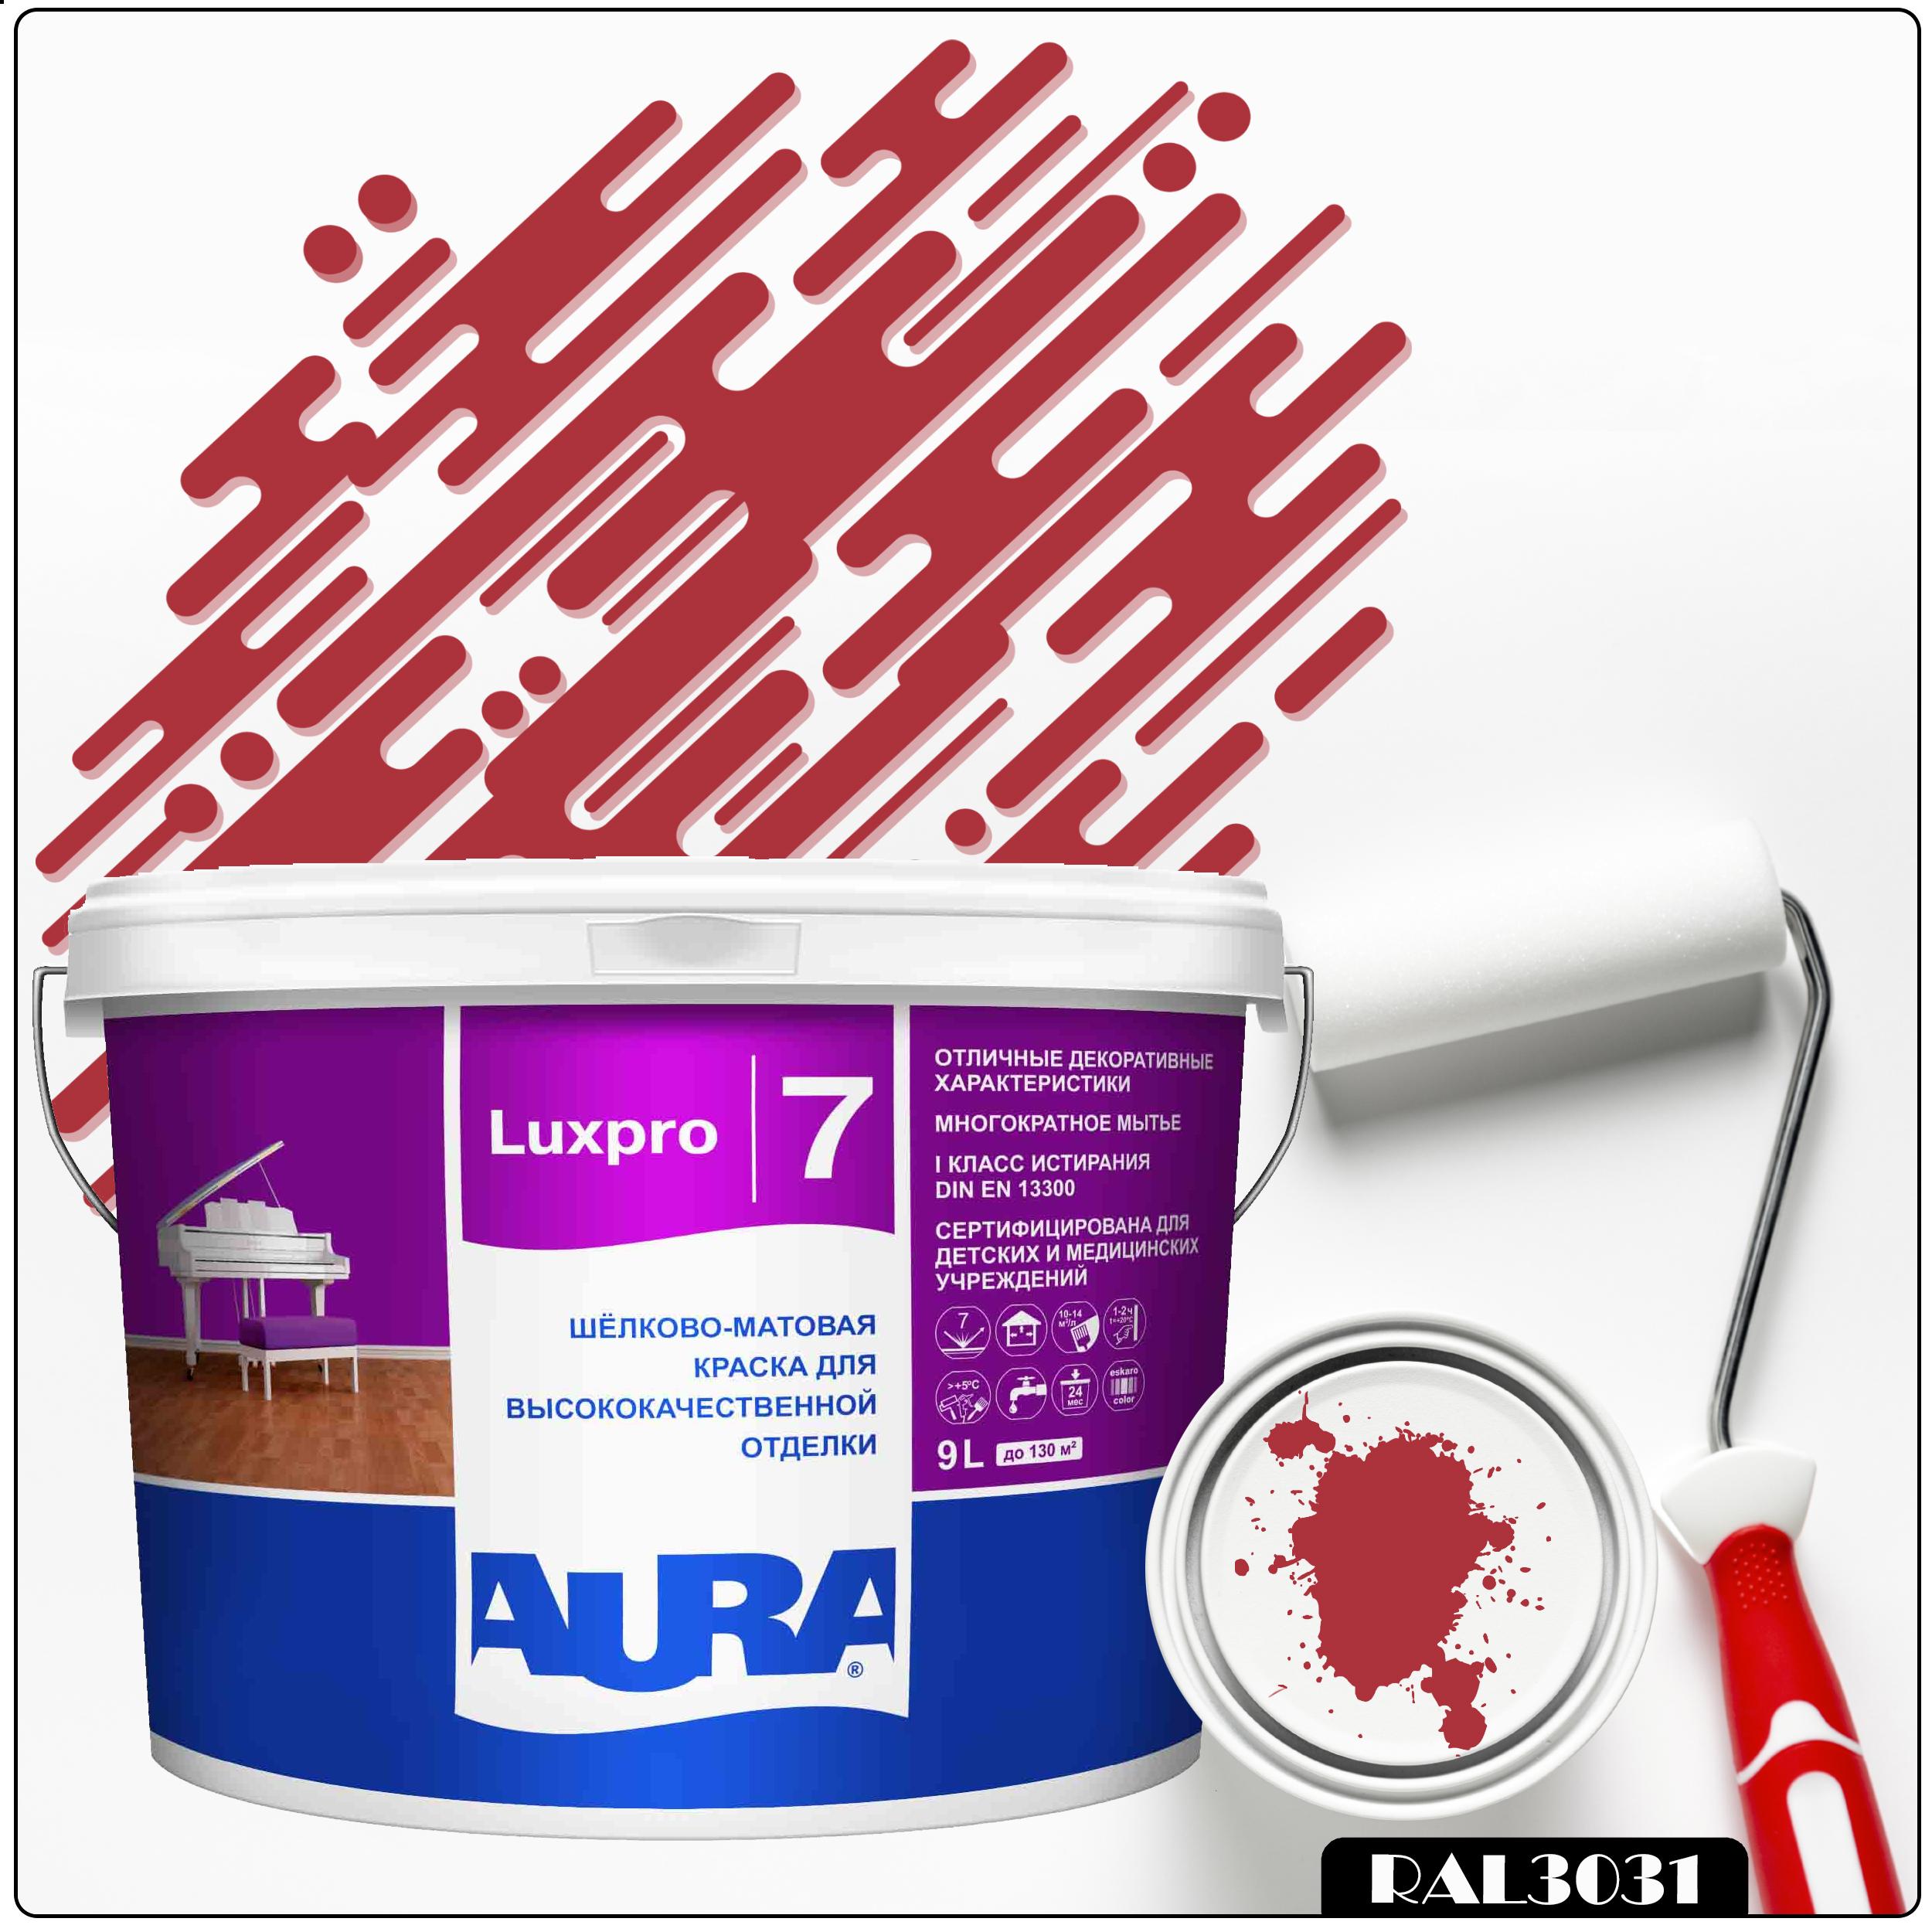 Фото 21 - Краска Aura LuxPRO 7, RAL 3031 Красный ориент, латексная, шелково-матовая, интерьерная, 9л, Аура.